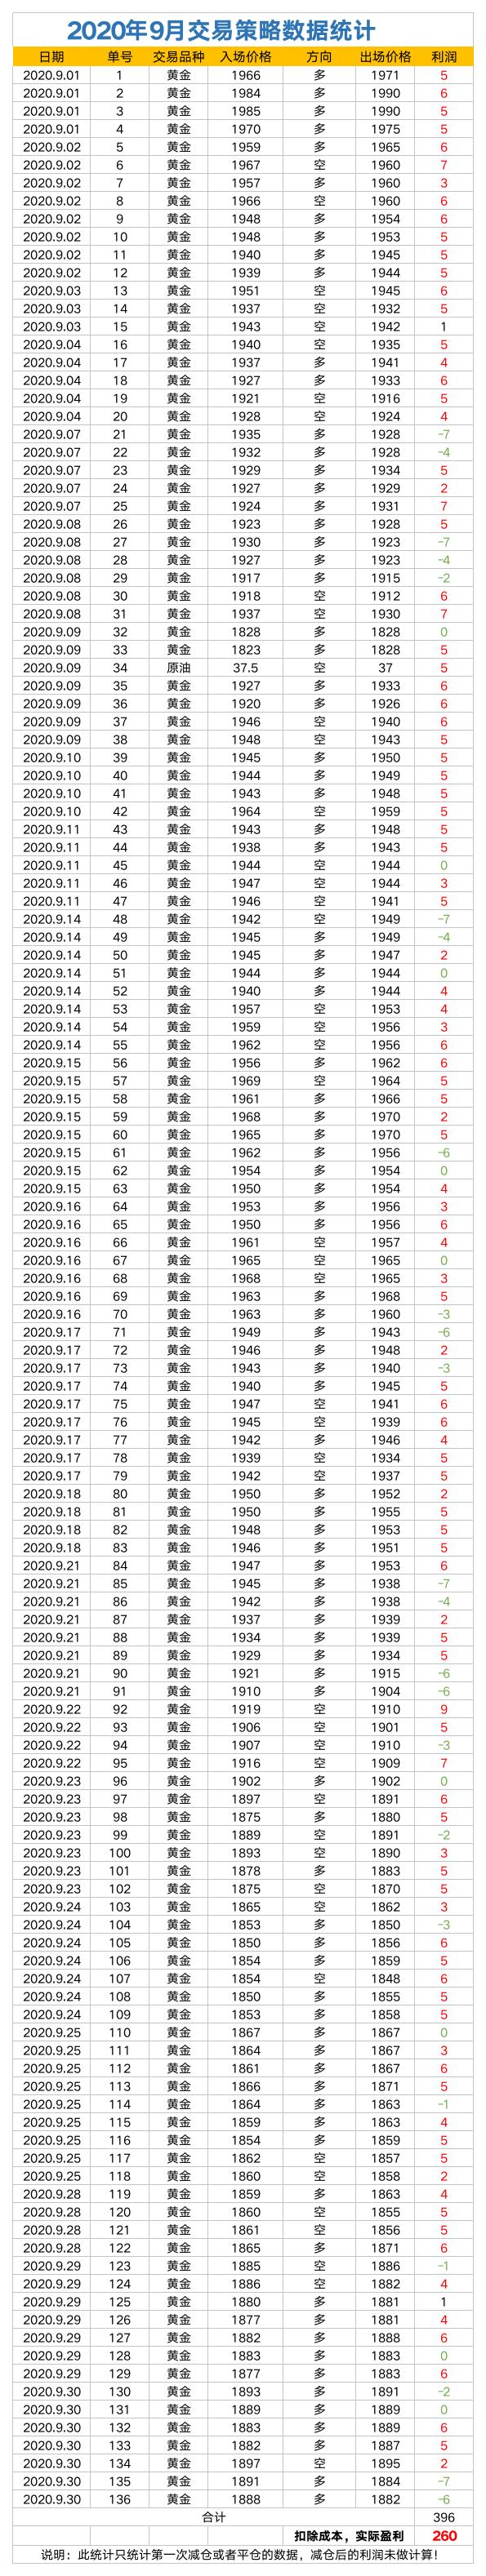 2020.9数据统计.png